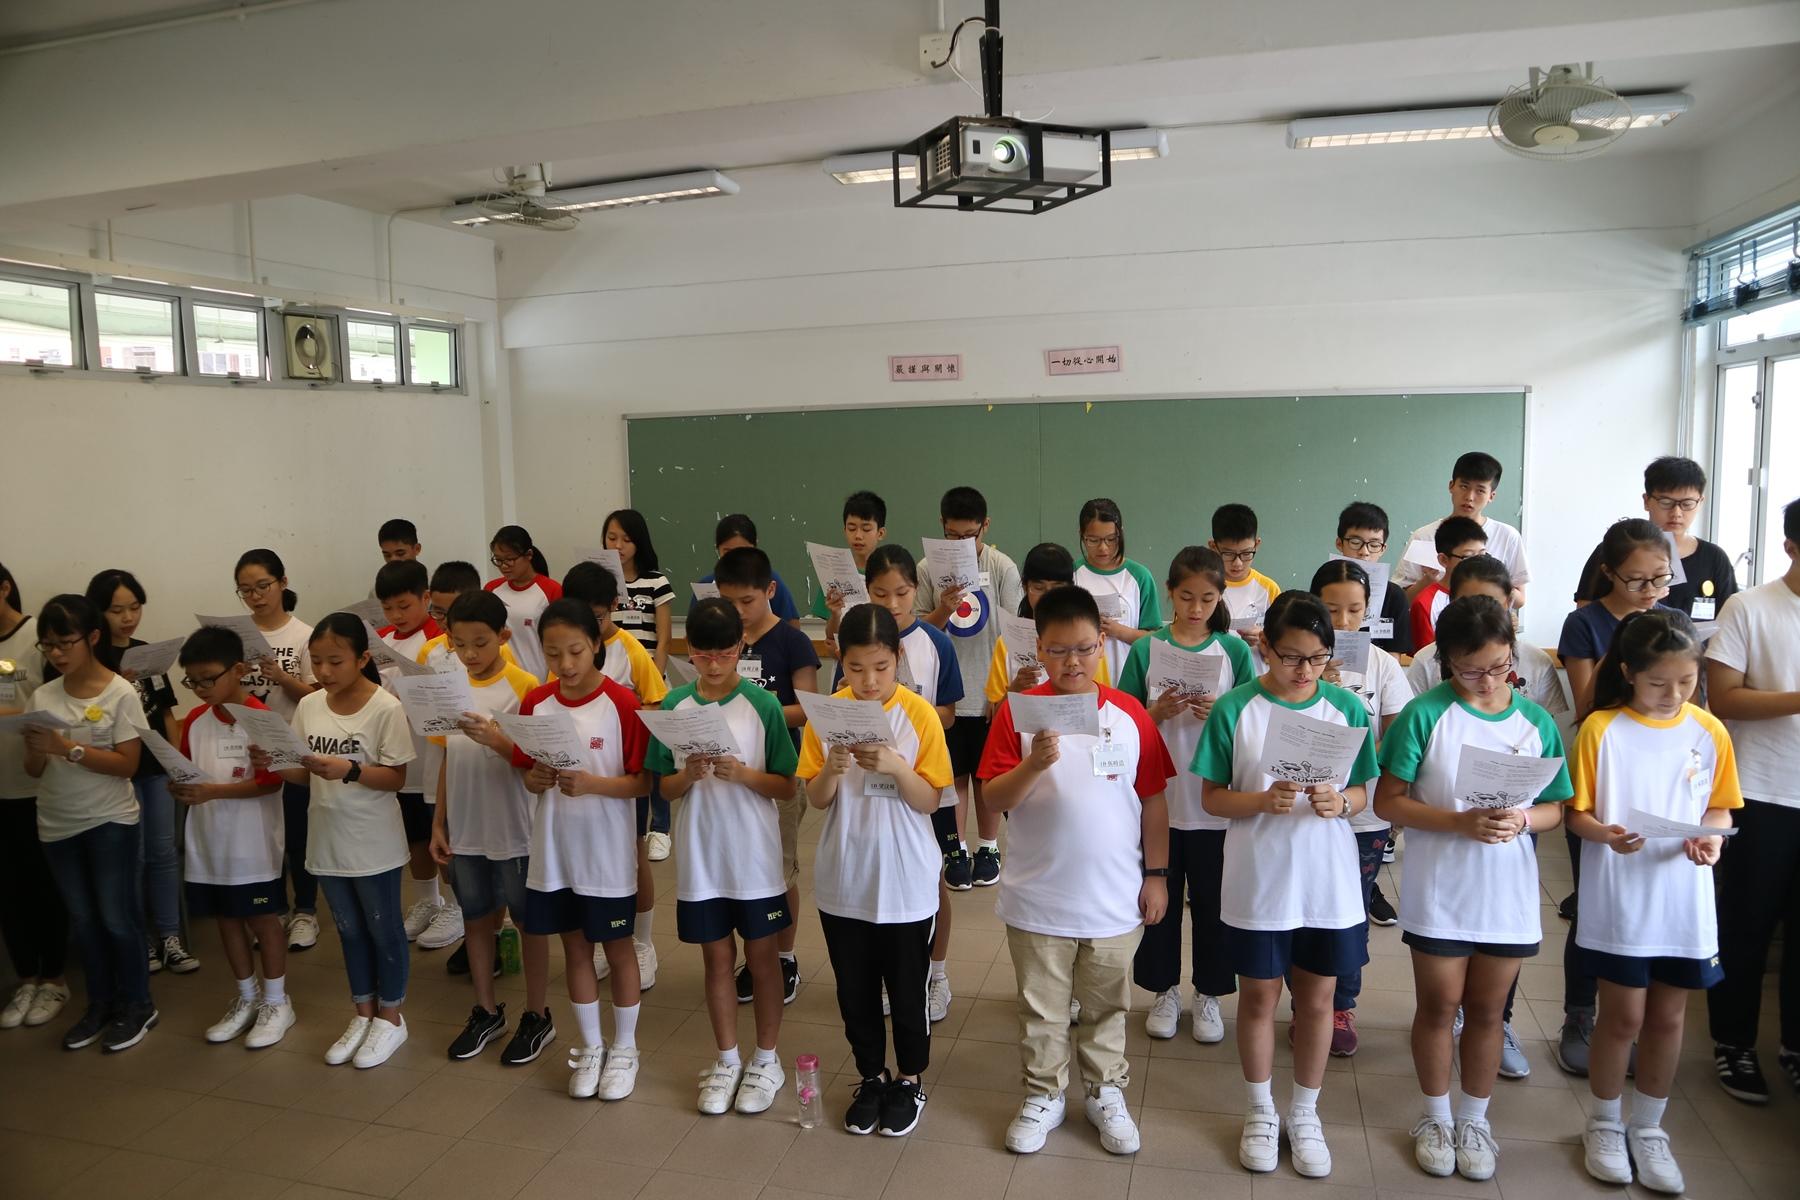 http://npc.edu.hk/sites/default/files/1b_zhong_ying_bing_chong_03.jpg